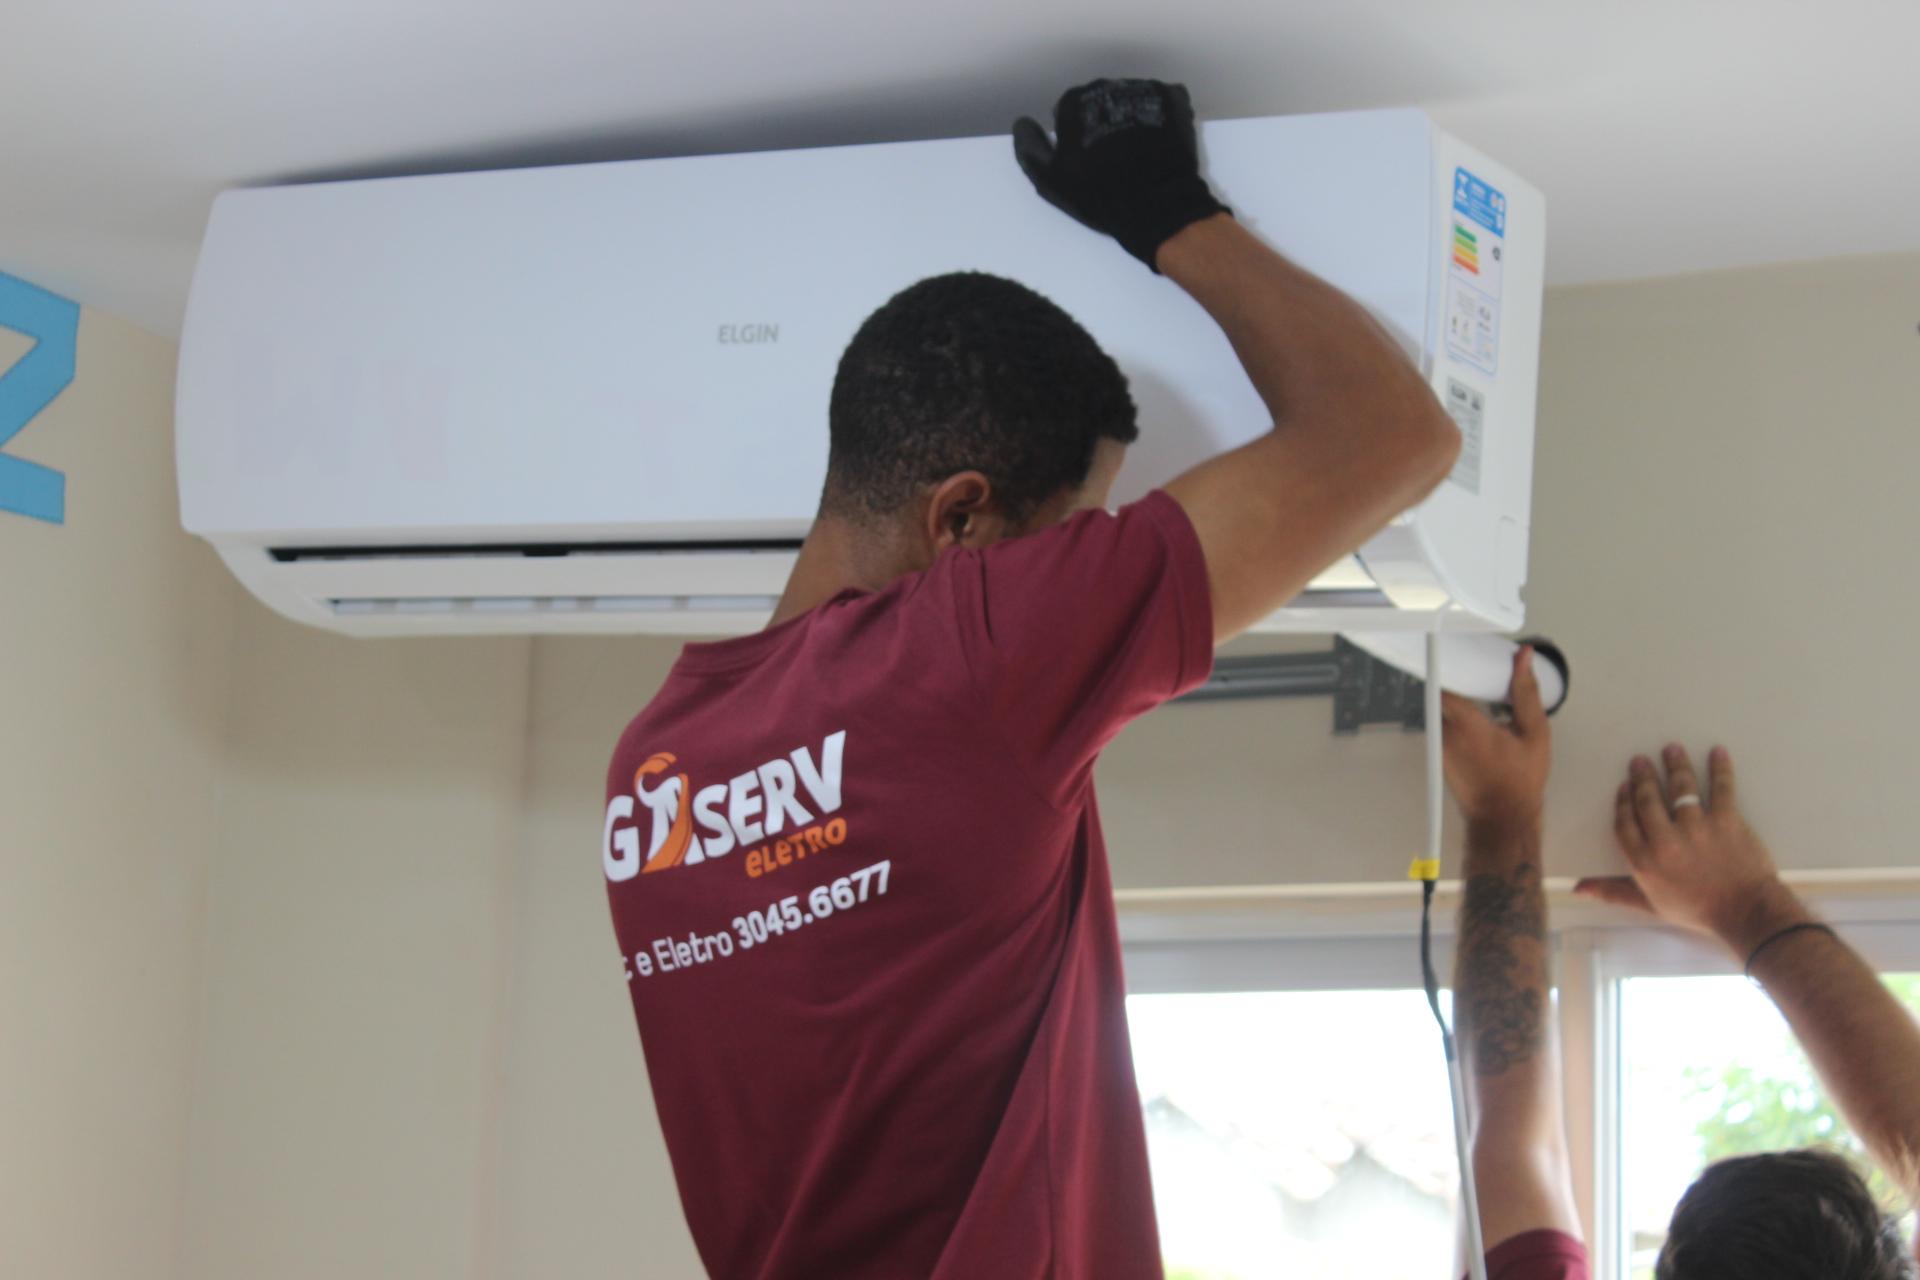 Educação: escolas de Criciúma 100% climatizadas até o fim do ano